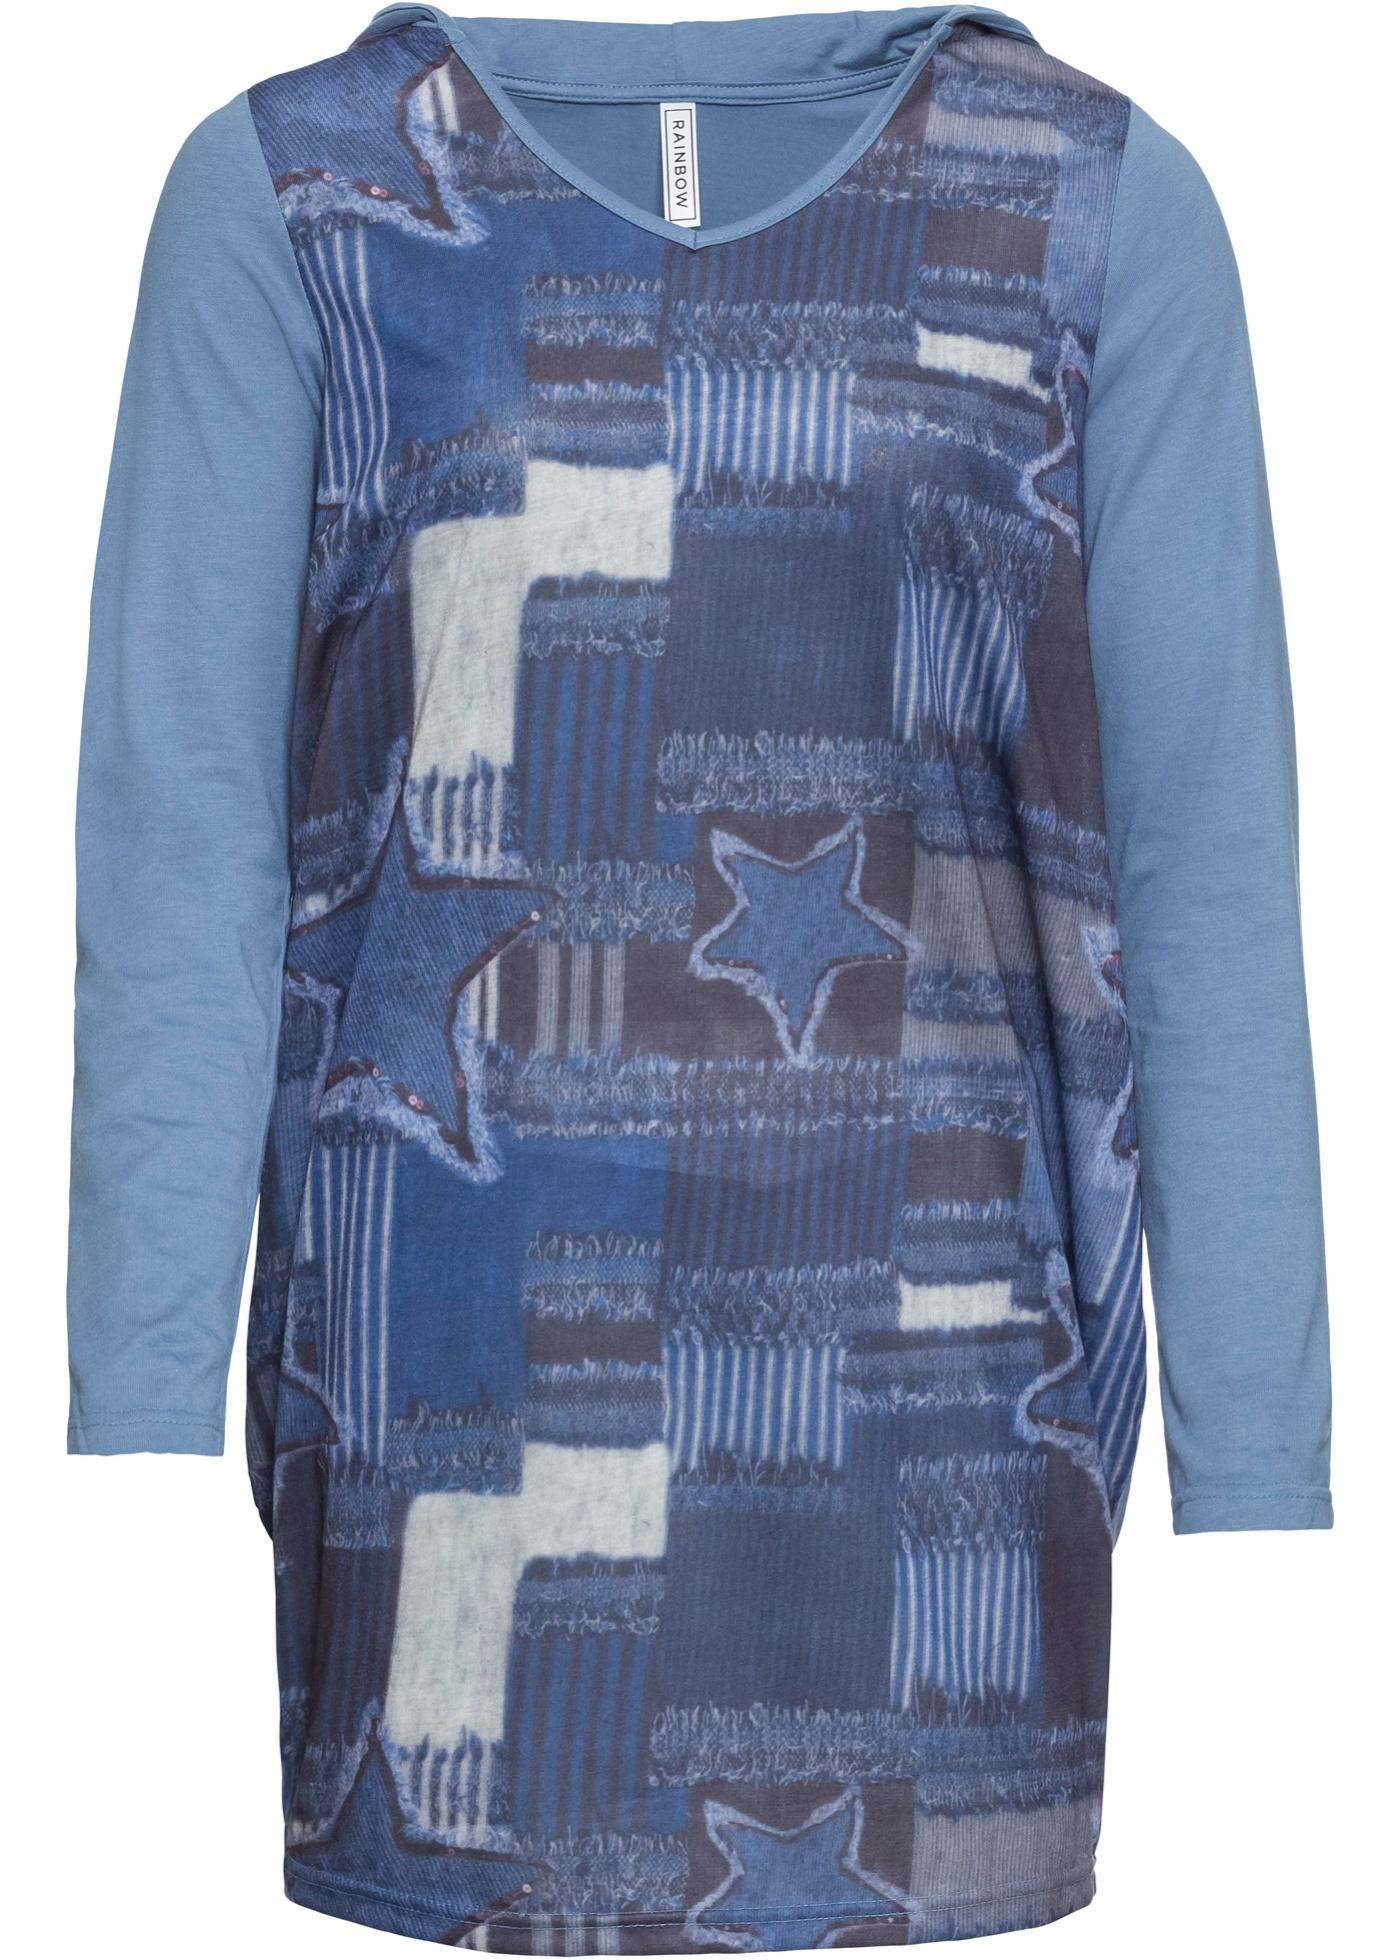 Imprimé Étoiles Manches Femme Et En Jersey BonprixRobe Bleu Pour D'été Avec Longues Capuche Rainbow OuwikZlPXT